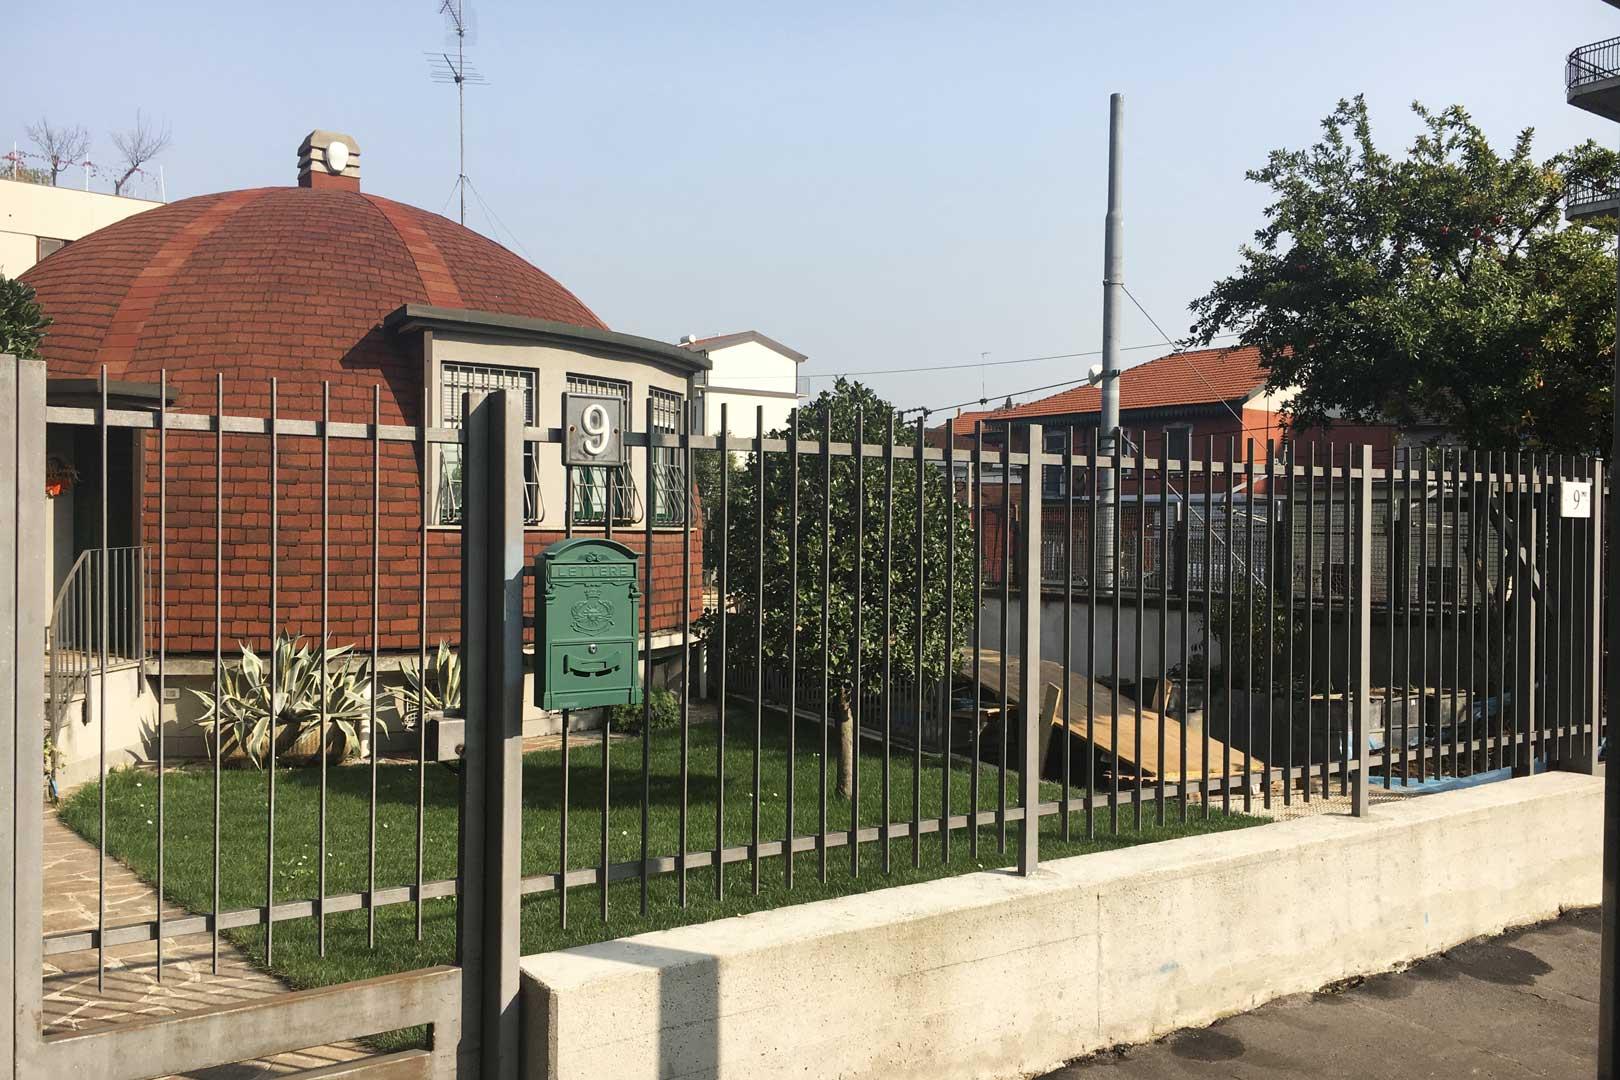 Villaggio dei giornalisti - Case Igloo